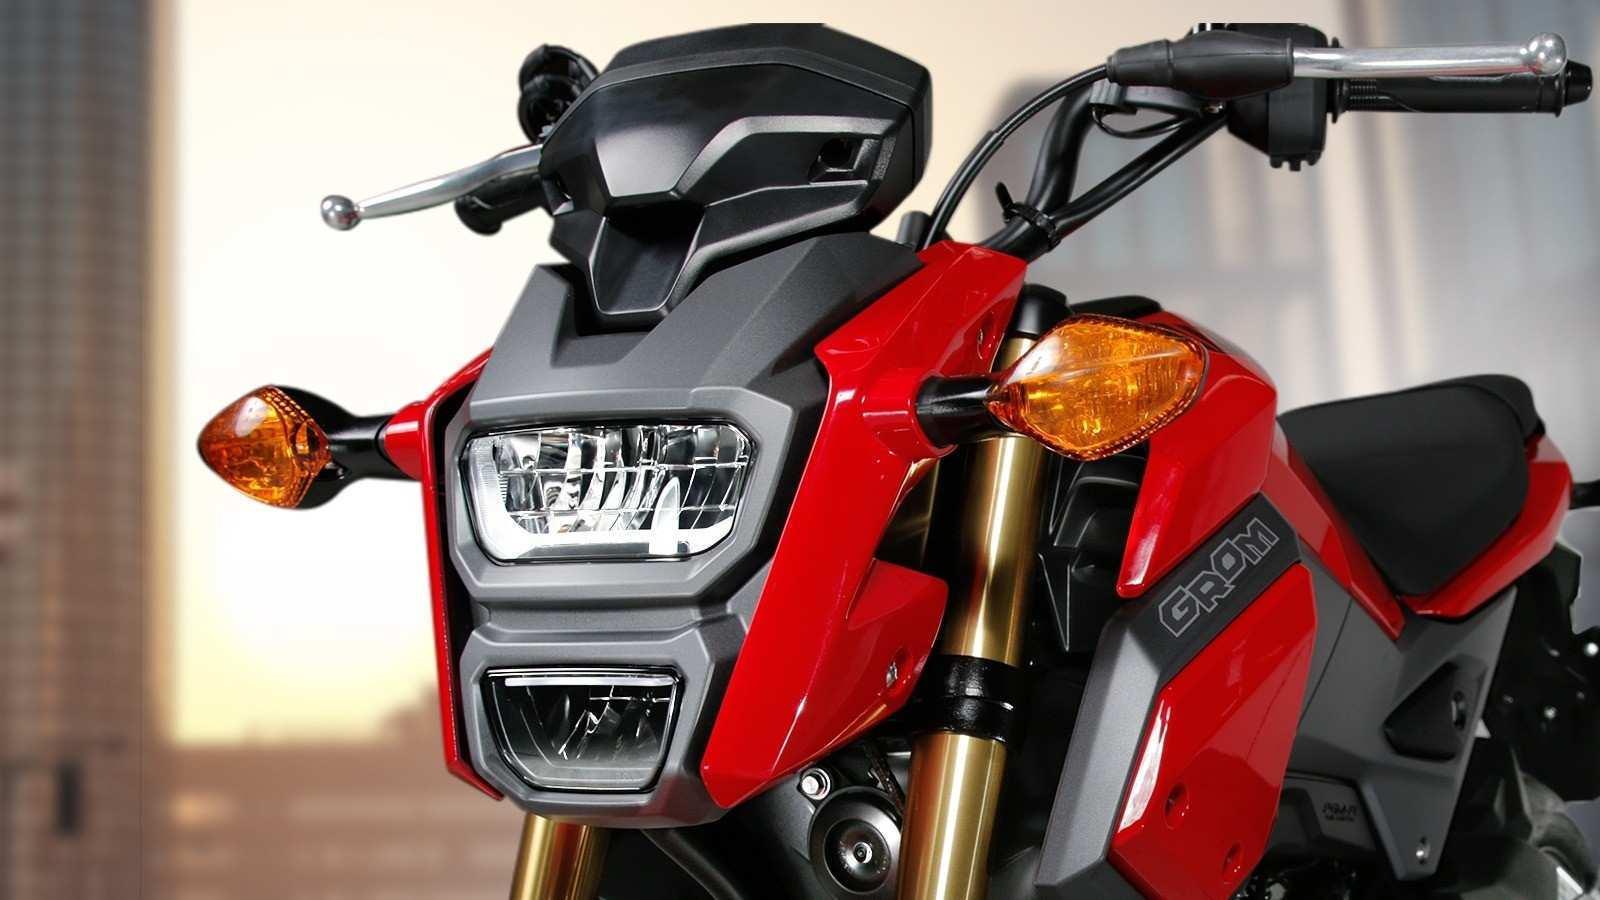 70 All New Best Honda Grom 2019 Release Date Spy Shoot Price and Review for Best Honda Grom 2019 Release Date Spy Shoot